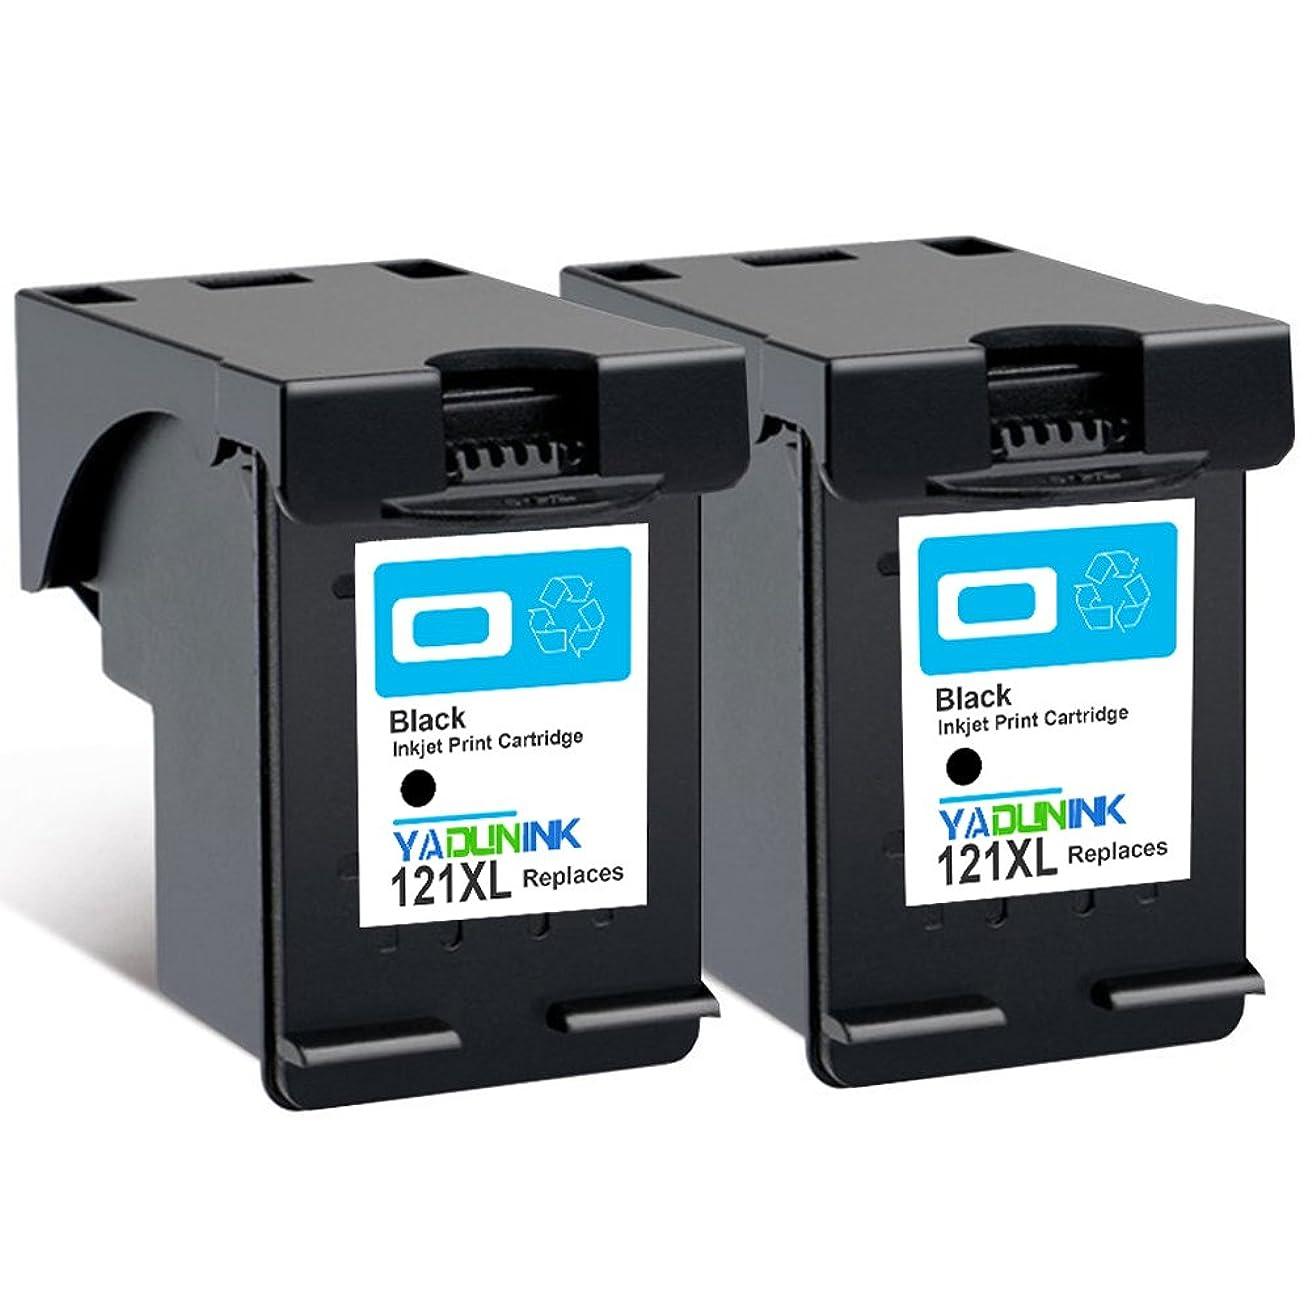 離婚便利芸術的YADUNINK HP121XL ブラック2個 CC641HJ 大容量 リサイクル インク HP121 増量 ブラック インクカートリッジ 黒 2個パック マルチパック 対応機種HP ENVY 100 ENVY 110 ENVY 120 ENVY 121 (【2BK】)?